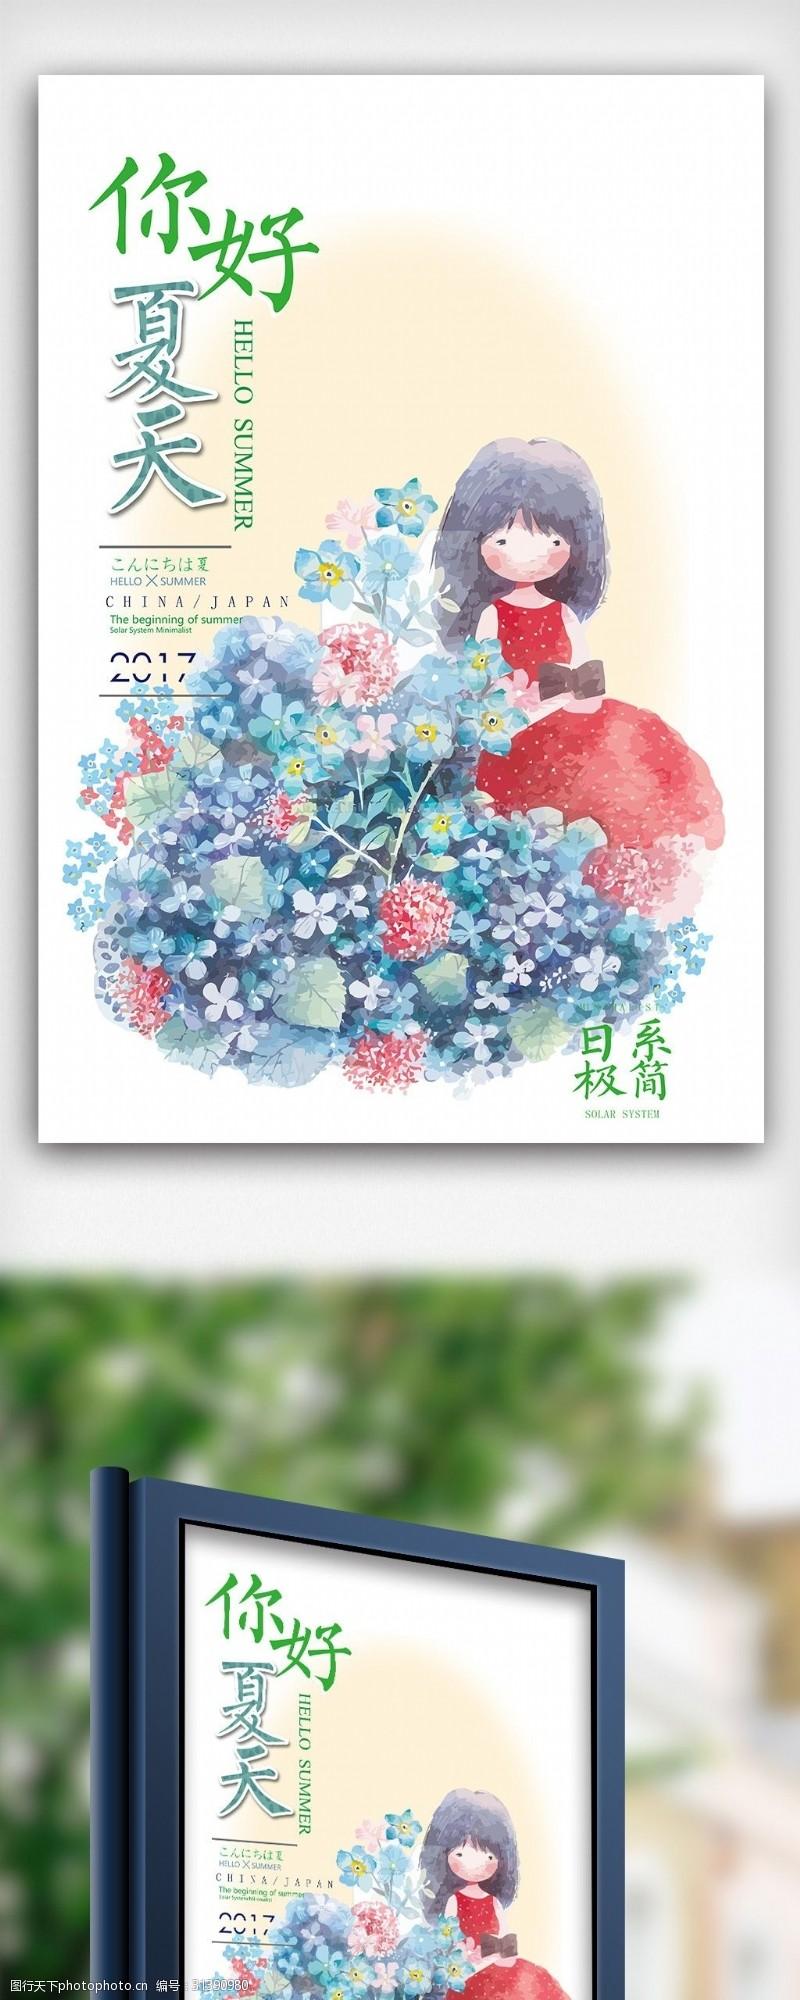 中秋国庆活动海报中秋国庆促销活动